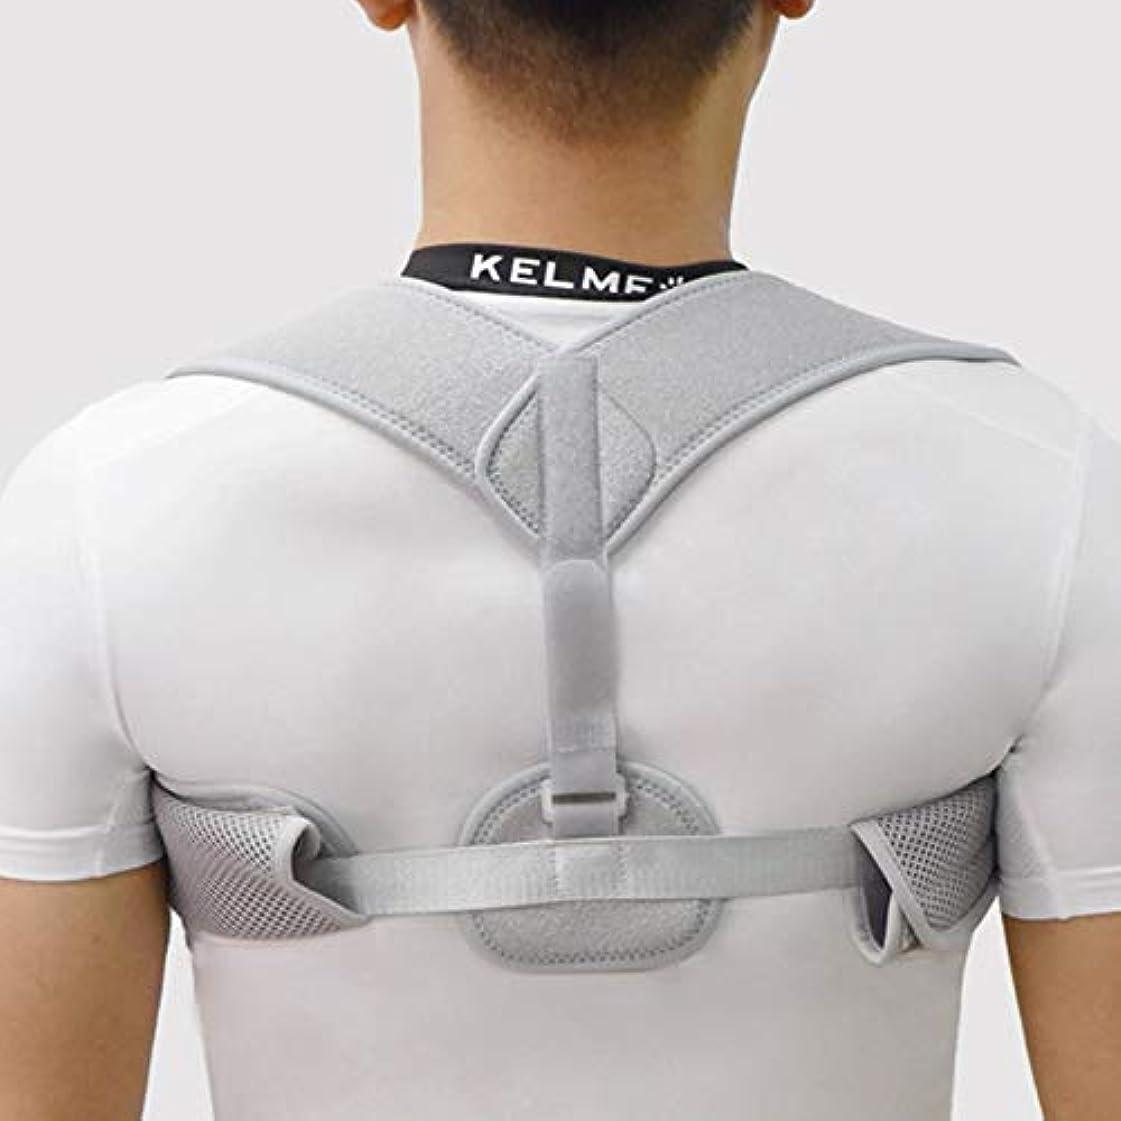 傭兵アナロジー寸前新しいアッパーバックポスチャーコレクター姿勢鎖骨サポートコレクターバックストレート肩ブレースストラップコレクター耐久性 - グレー